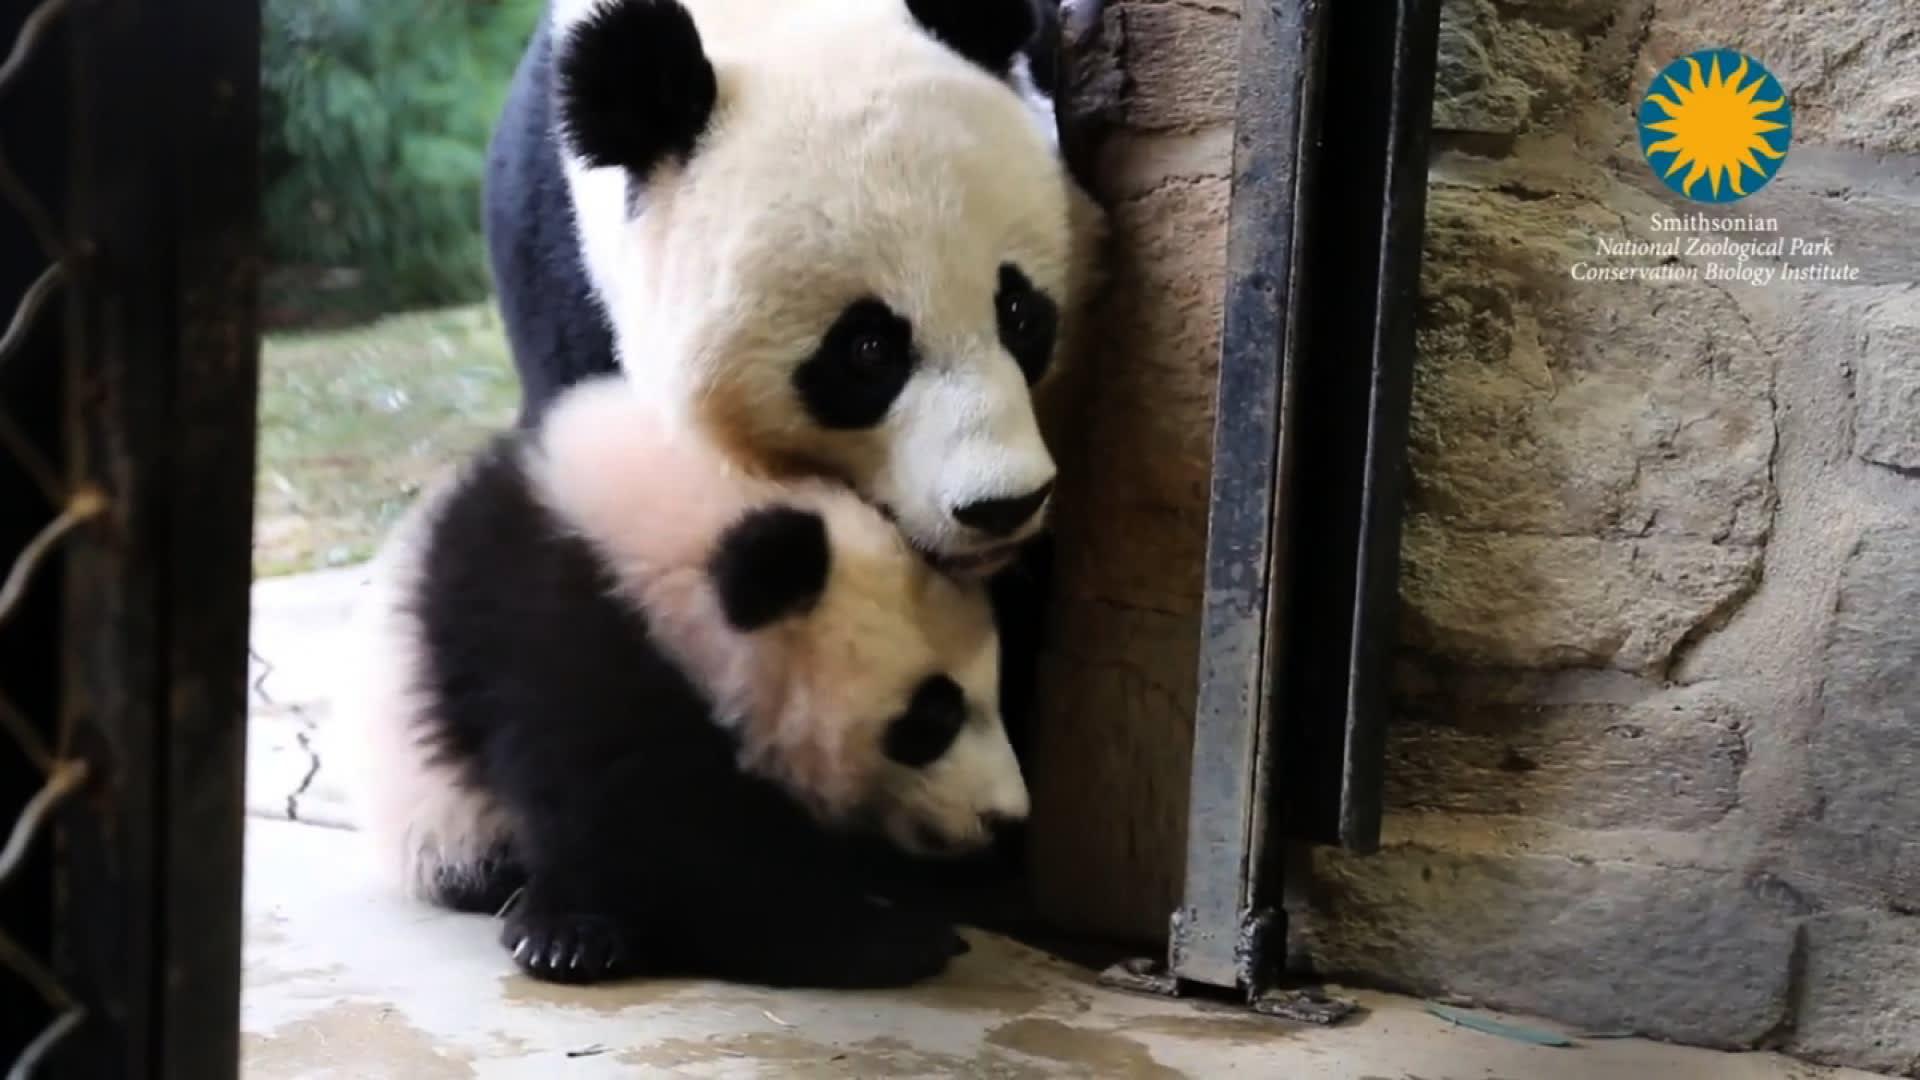 من أمريكا إلى الصين طائرة خاصة تهيأ لهذا الباندا..فما السبب؟